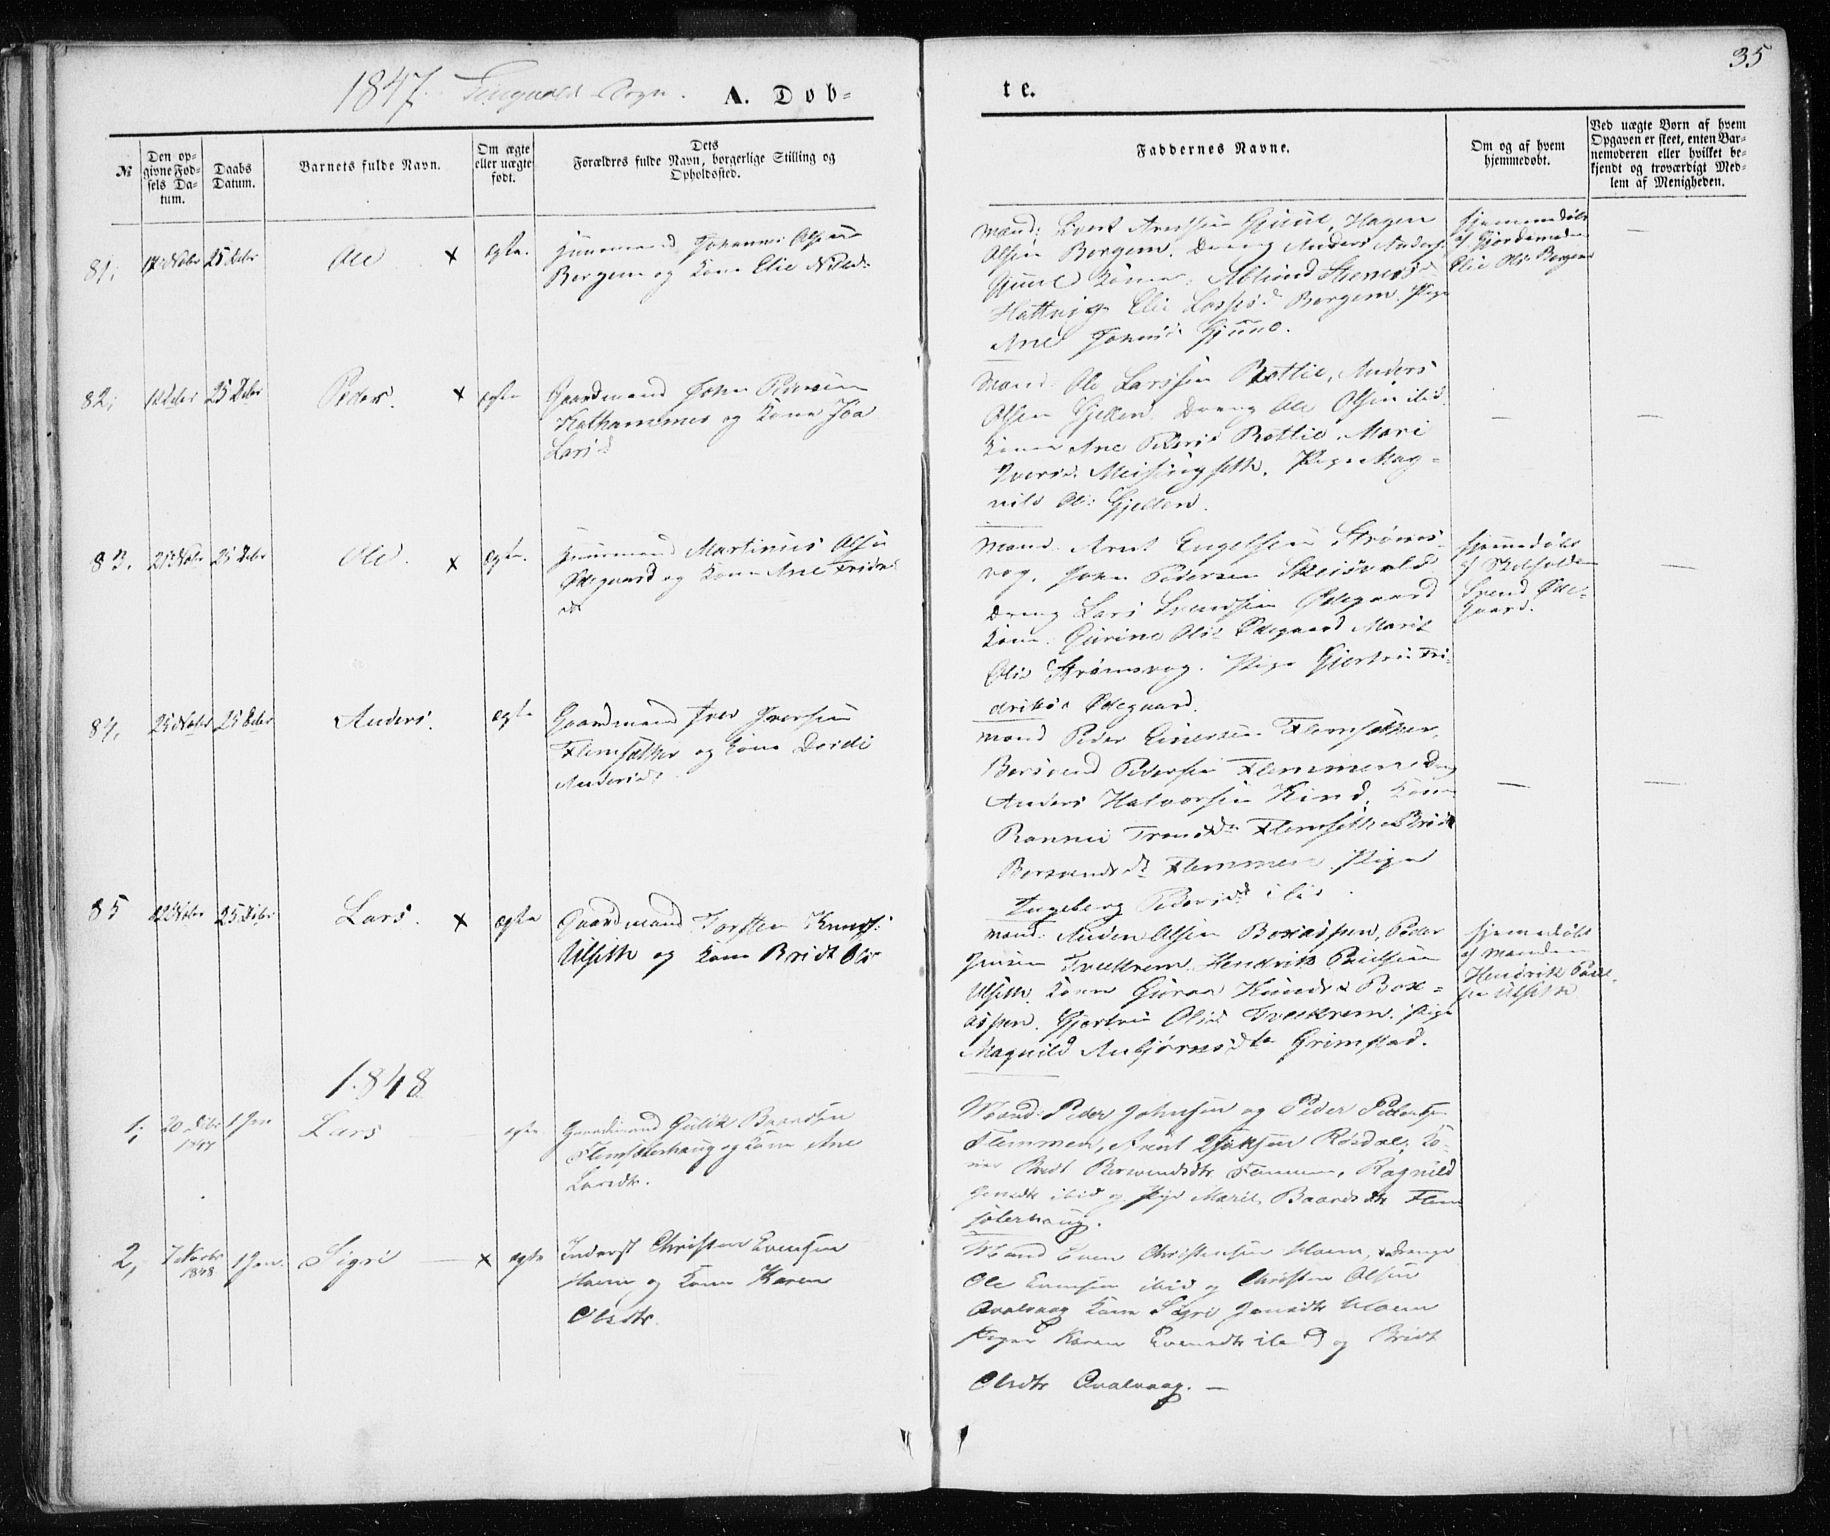 SAT, Ministerialprotokoller, klokkerbøker og fødselsregistre - Møre og Romsdal, 586/L0984: Ministerialbok nr. 586A10, 1844-1856, s. 35